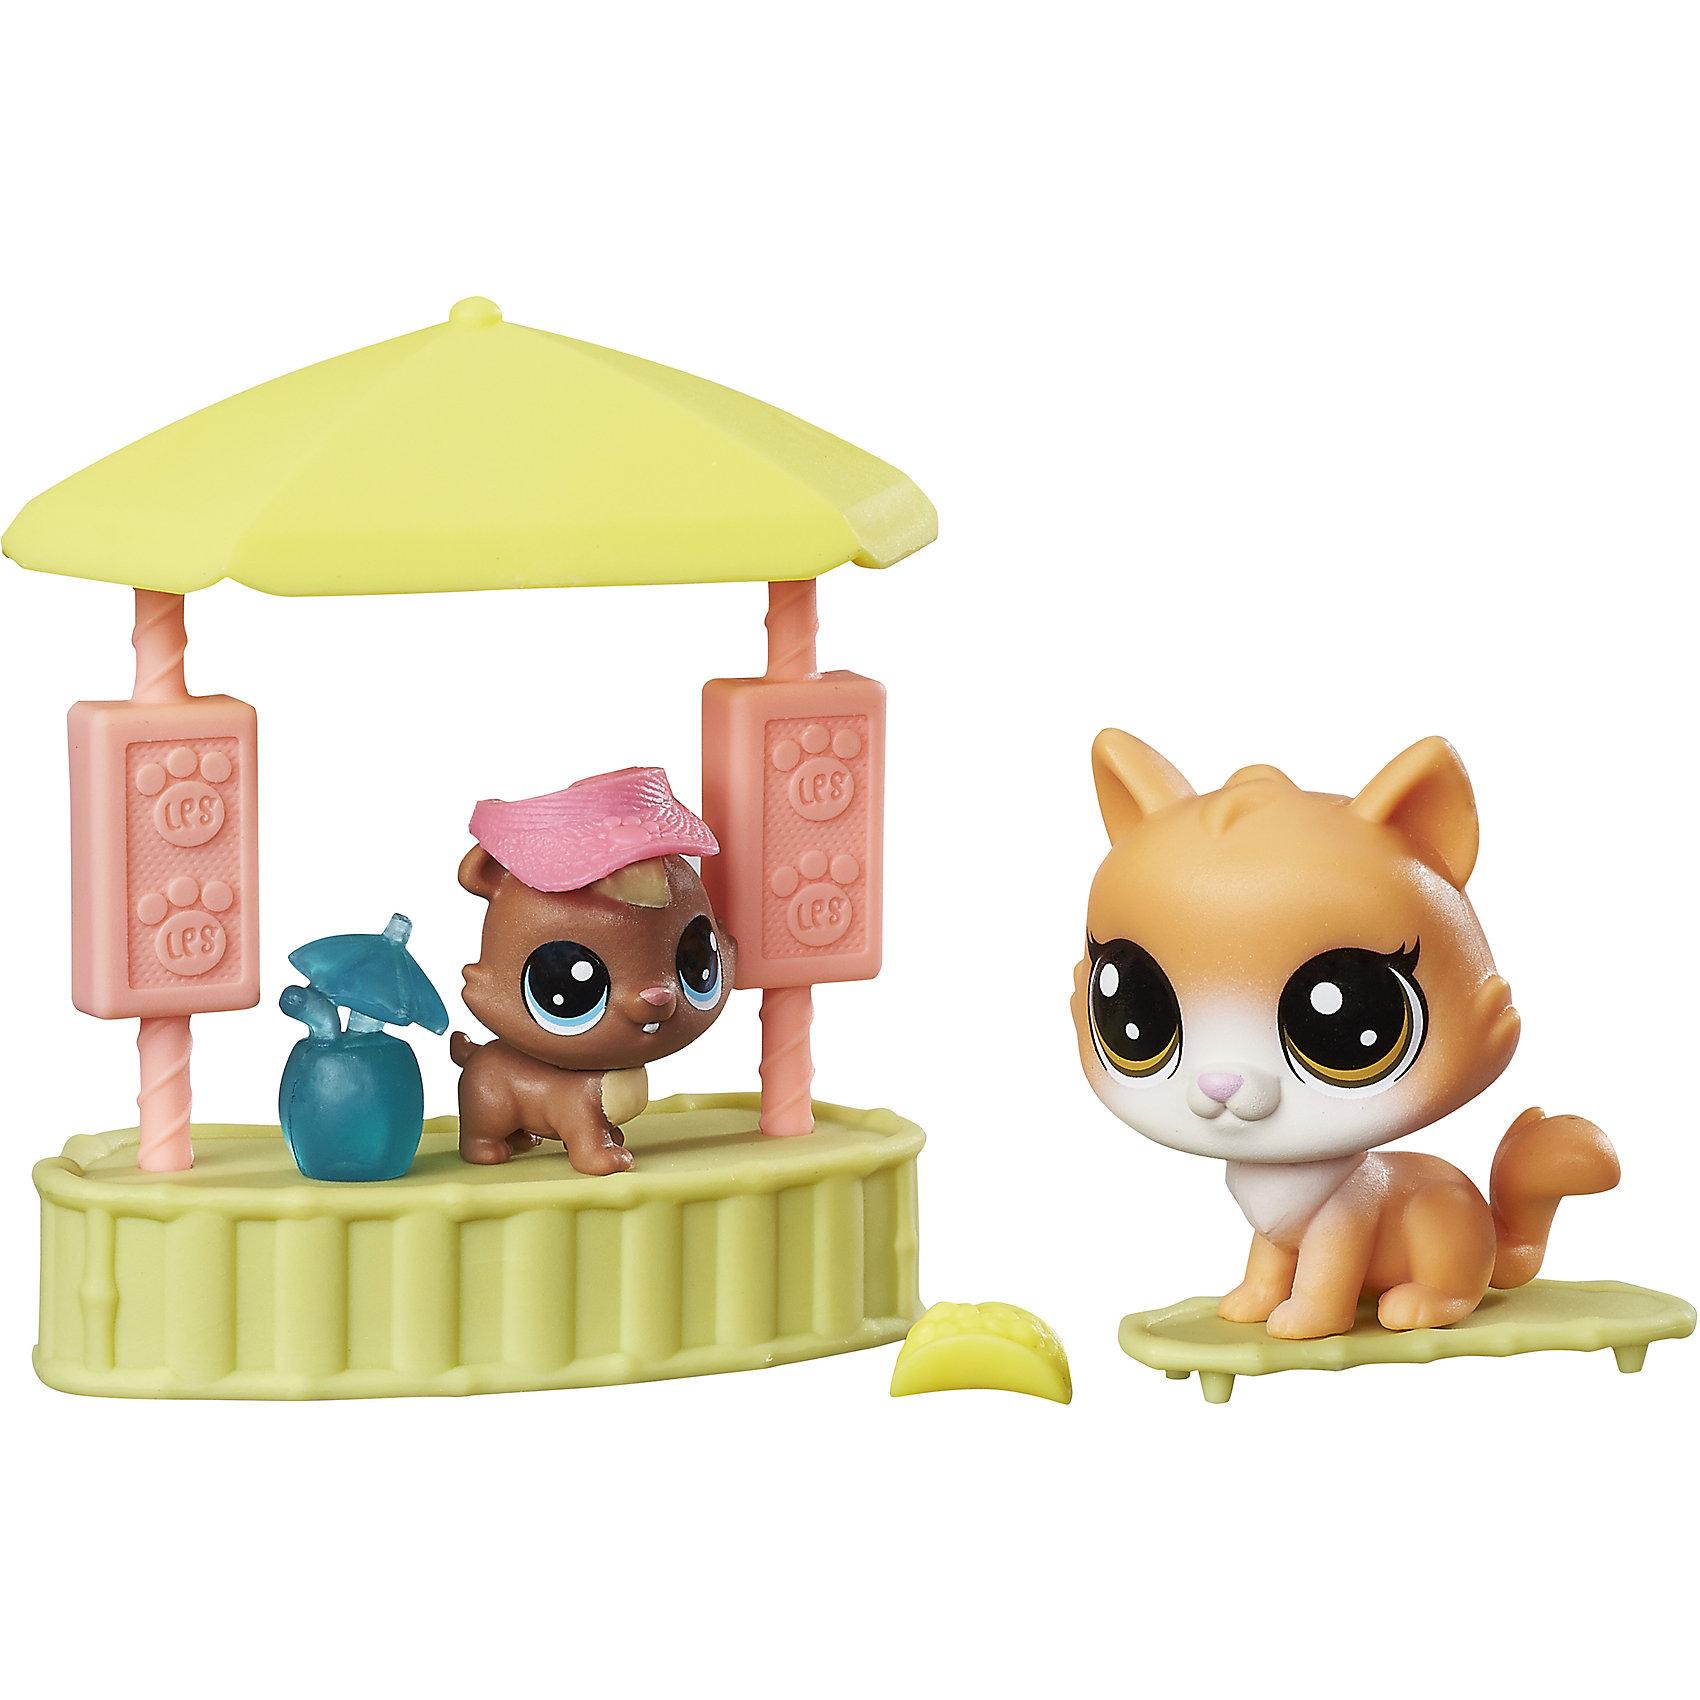 Набор Чудесные приключения, Littlest Pet Shop, B9347/С0048Популярные игрушки<br>Характеристики:<br><br>• Материал: пластик<br>• Комплектация: 2 фигурки животных, барная стойка, аксессуары<br>• Вес в упаковке: 121 г<br>• Размеры упаковки (Г*Ш*В): 4,4*19,1*19,1 см<br><br>Набор Чудесные приключения, Littlest Pet Shop, B9347/С0048 – это набор из популярнейшей серии от мирового лидера игрушек Hasbro. Комплект состоит из барной стойки, 2-х фигурок животных и аксессуаров. Все детали набора выполнены из прочного твердого пластика, устойчивого к механическим повреждениям, окрашены яркими нетоксичными красками, которые не выгорают на солнце и не меняют свой цвет даже при длительном использовании.<br><br>Набор Чудесные приключения, Littlest Pet Shop, B9347/С0048 можно купить в нашем интернет-магазине.<br><br>Ширина мм: 44<br>Глубина мм: 191<br>Высота мм: 191<br>Вес г: 121<br>Возраст от месяцев: 48<br>Возраст до месяцев: 2147483647<br>Пол: Женский<br>Возраст: Детский<br>SKU: 5488315